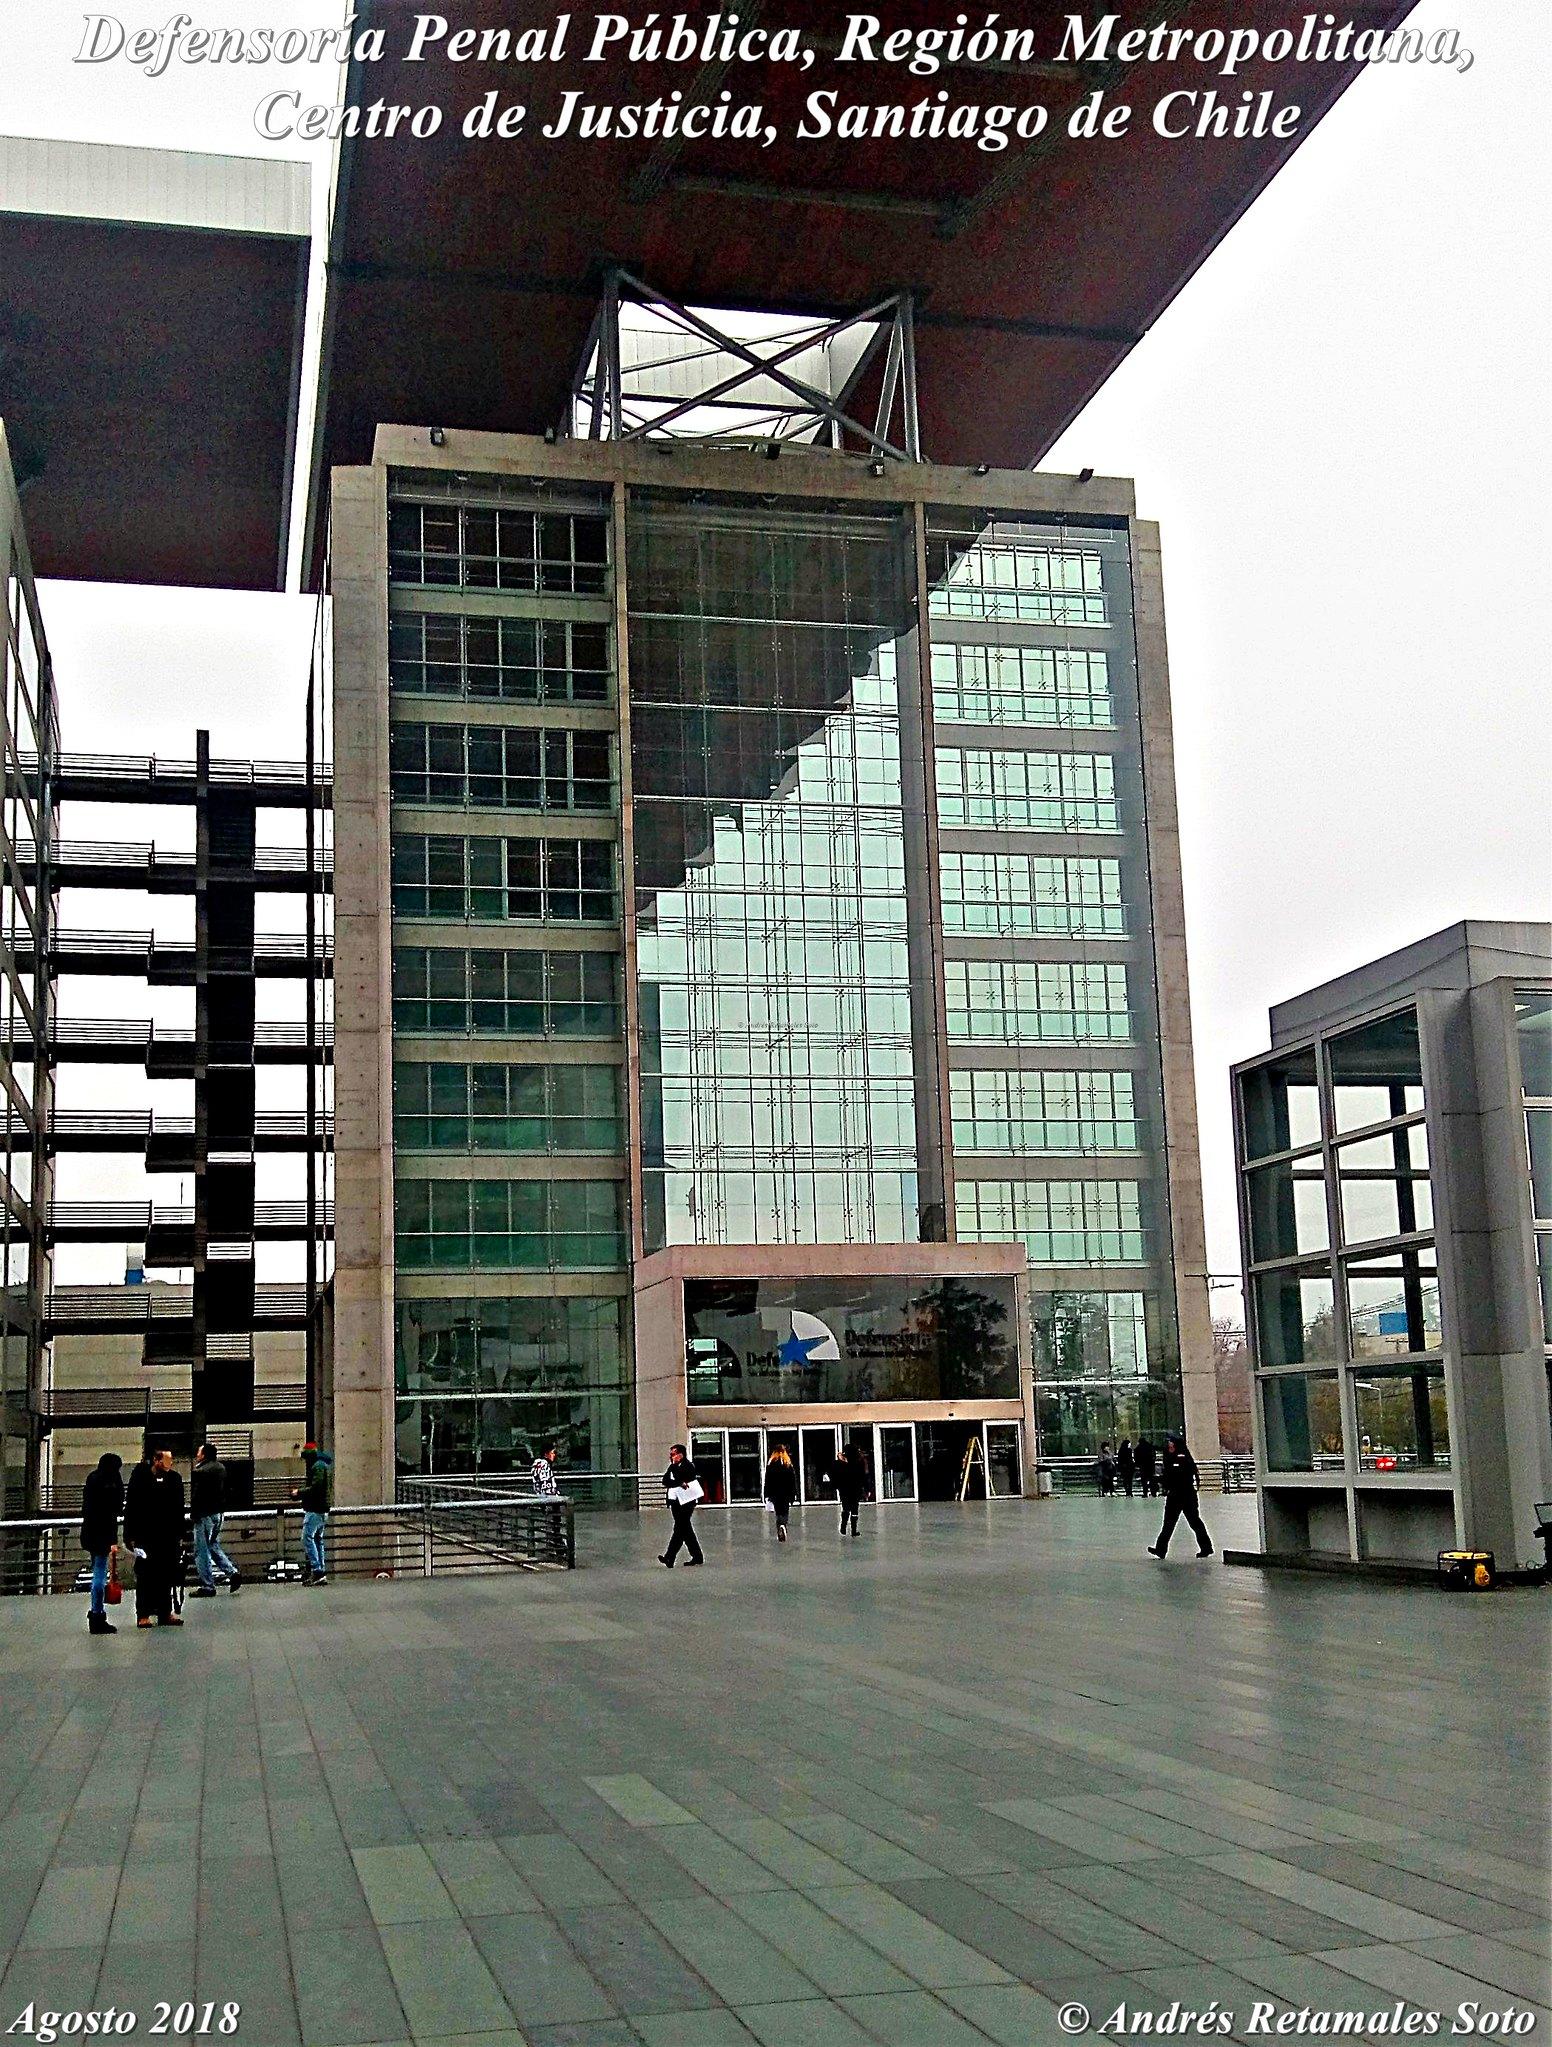 Defensoría Penal Pública, Región Metropolitana, Centro de Justicia, Santiago de Chile, agosto 2018